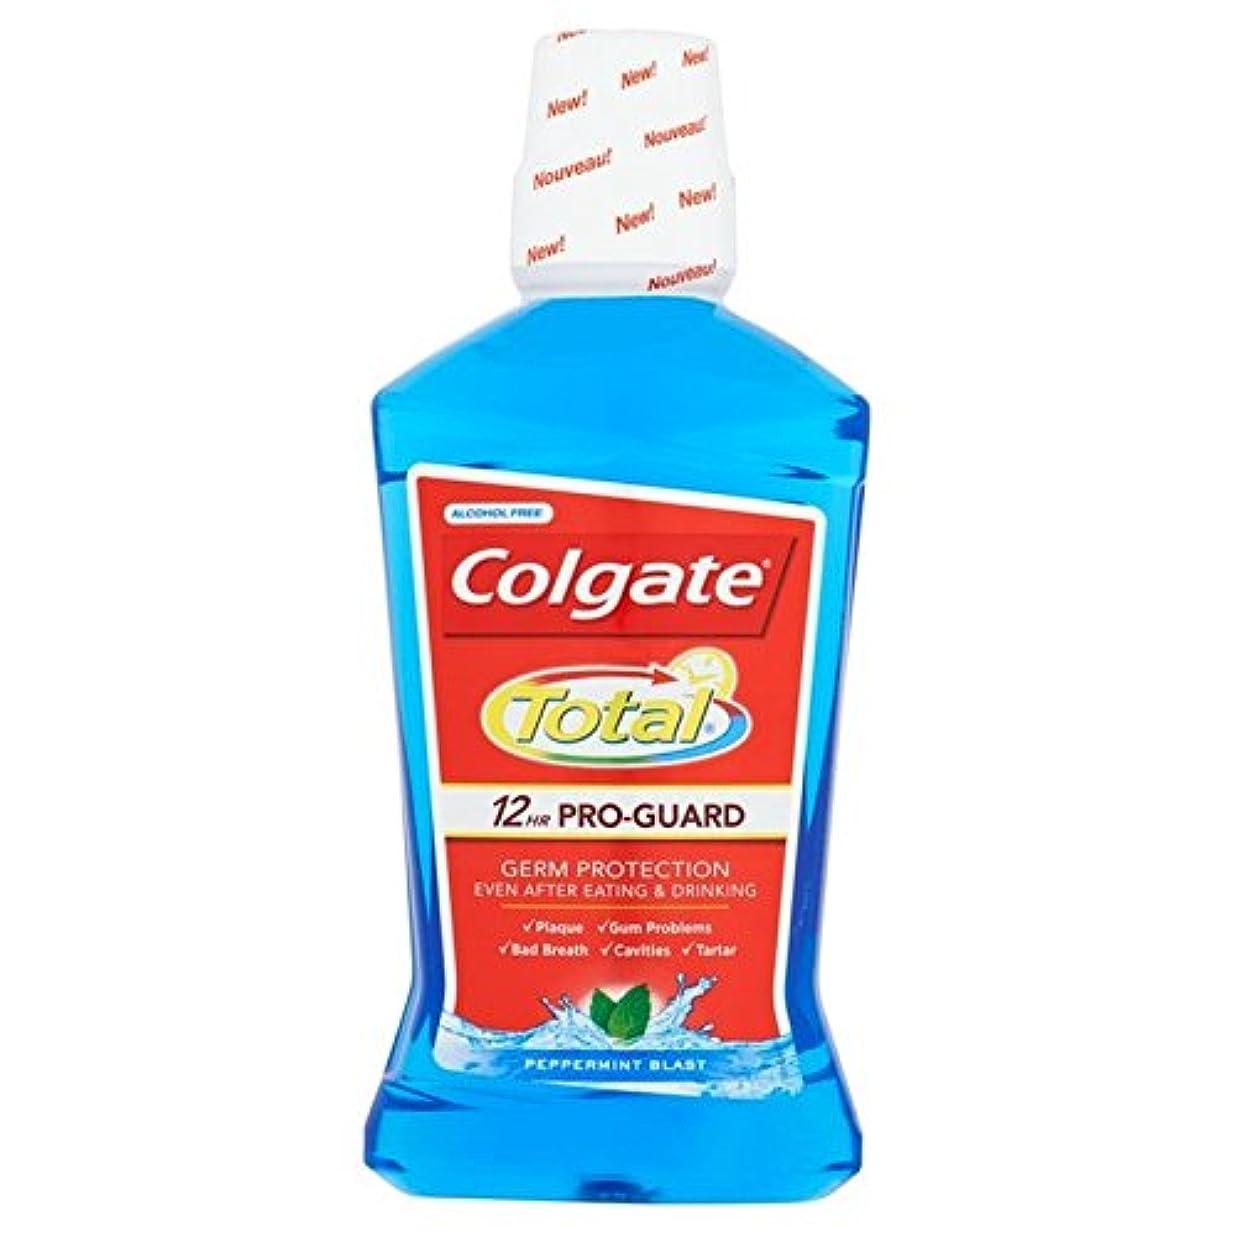 副産物ゲーム力強いコルゲートトータル高度なブルーマウスウォッシュ500ミリリットル x4 - Colgate Total Advanced Blue Mouthwash 500ml (Pack of 4) [並行輸入品]